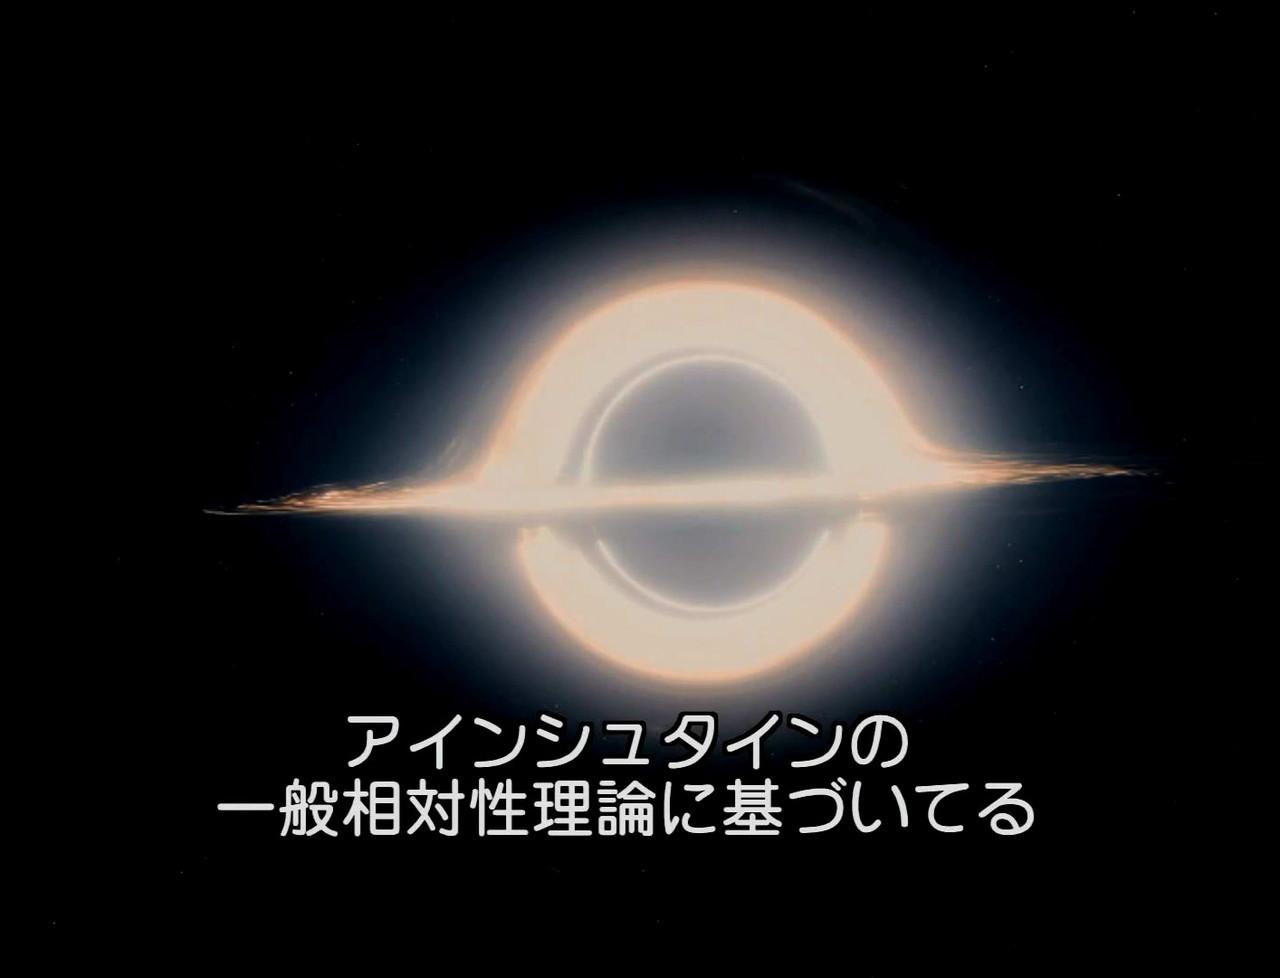 ブラックホール撮影結果